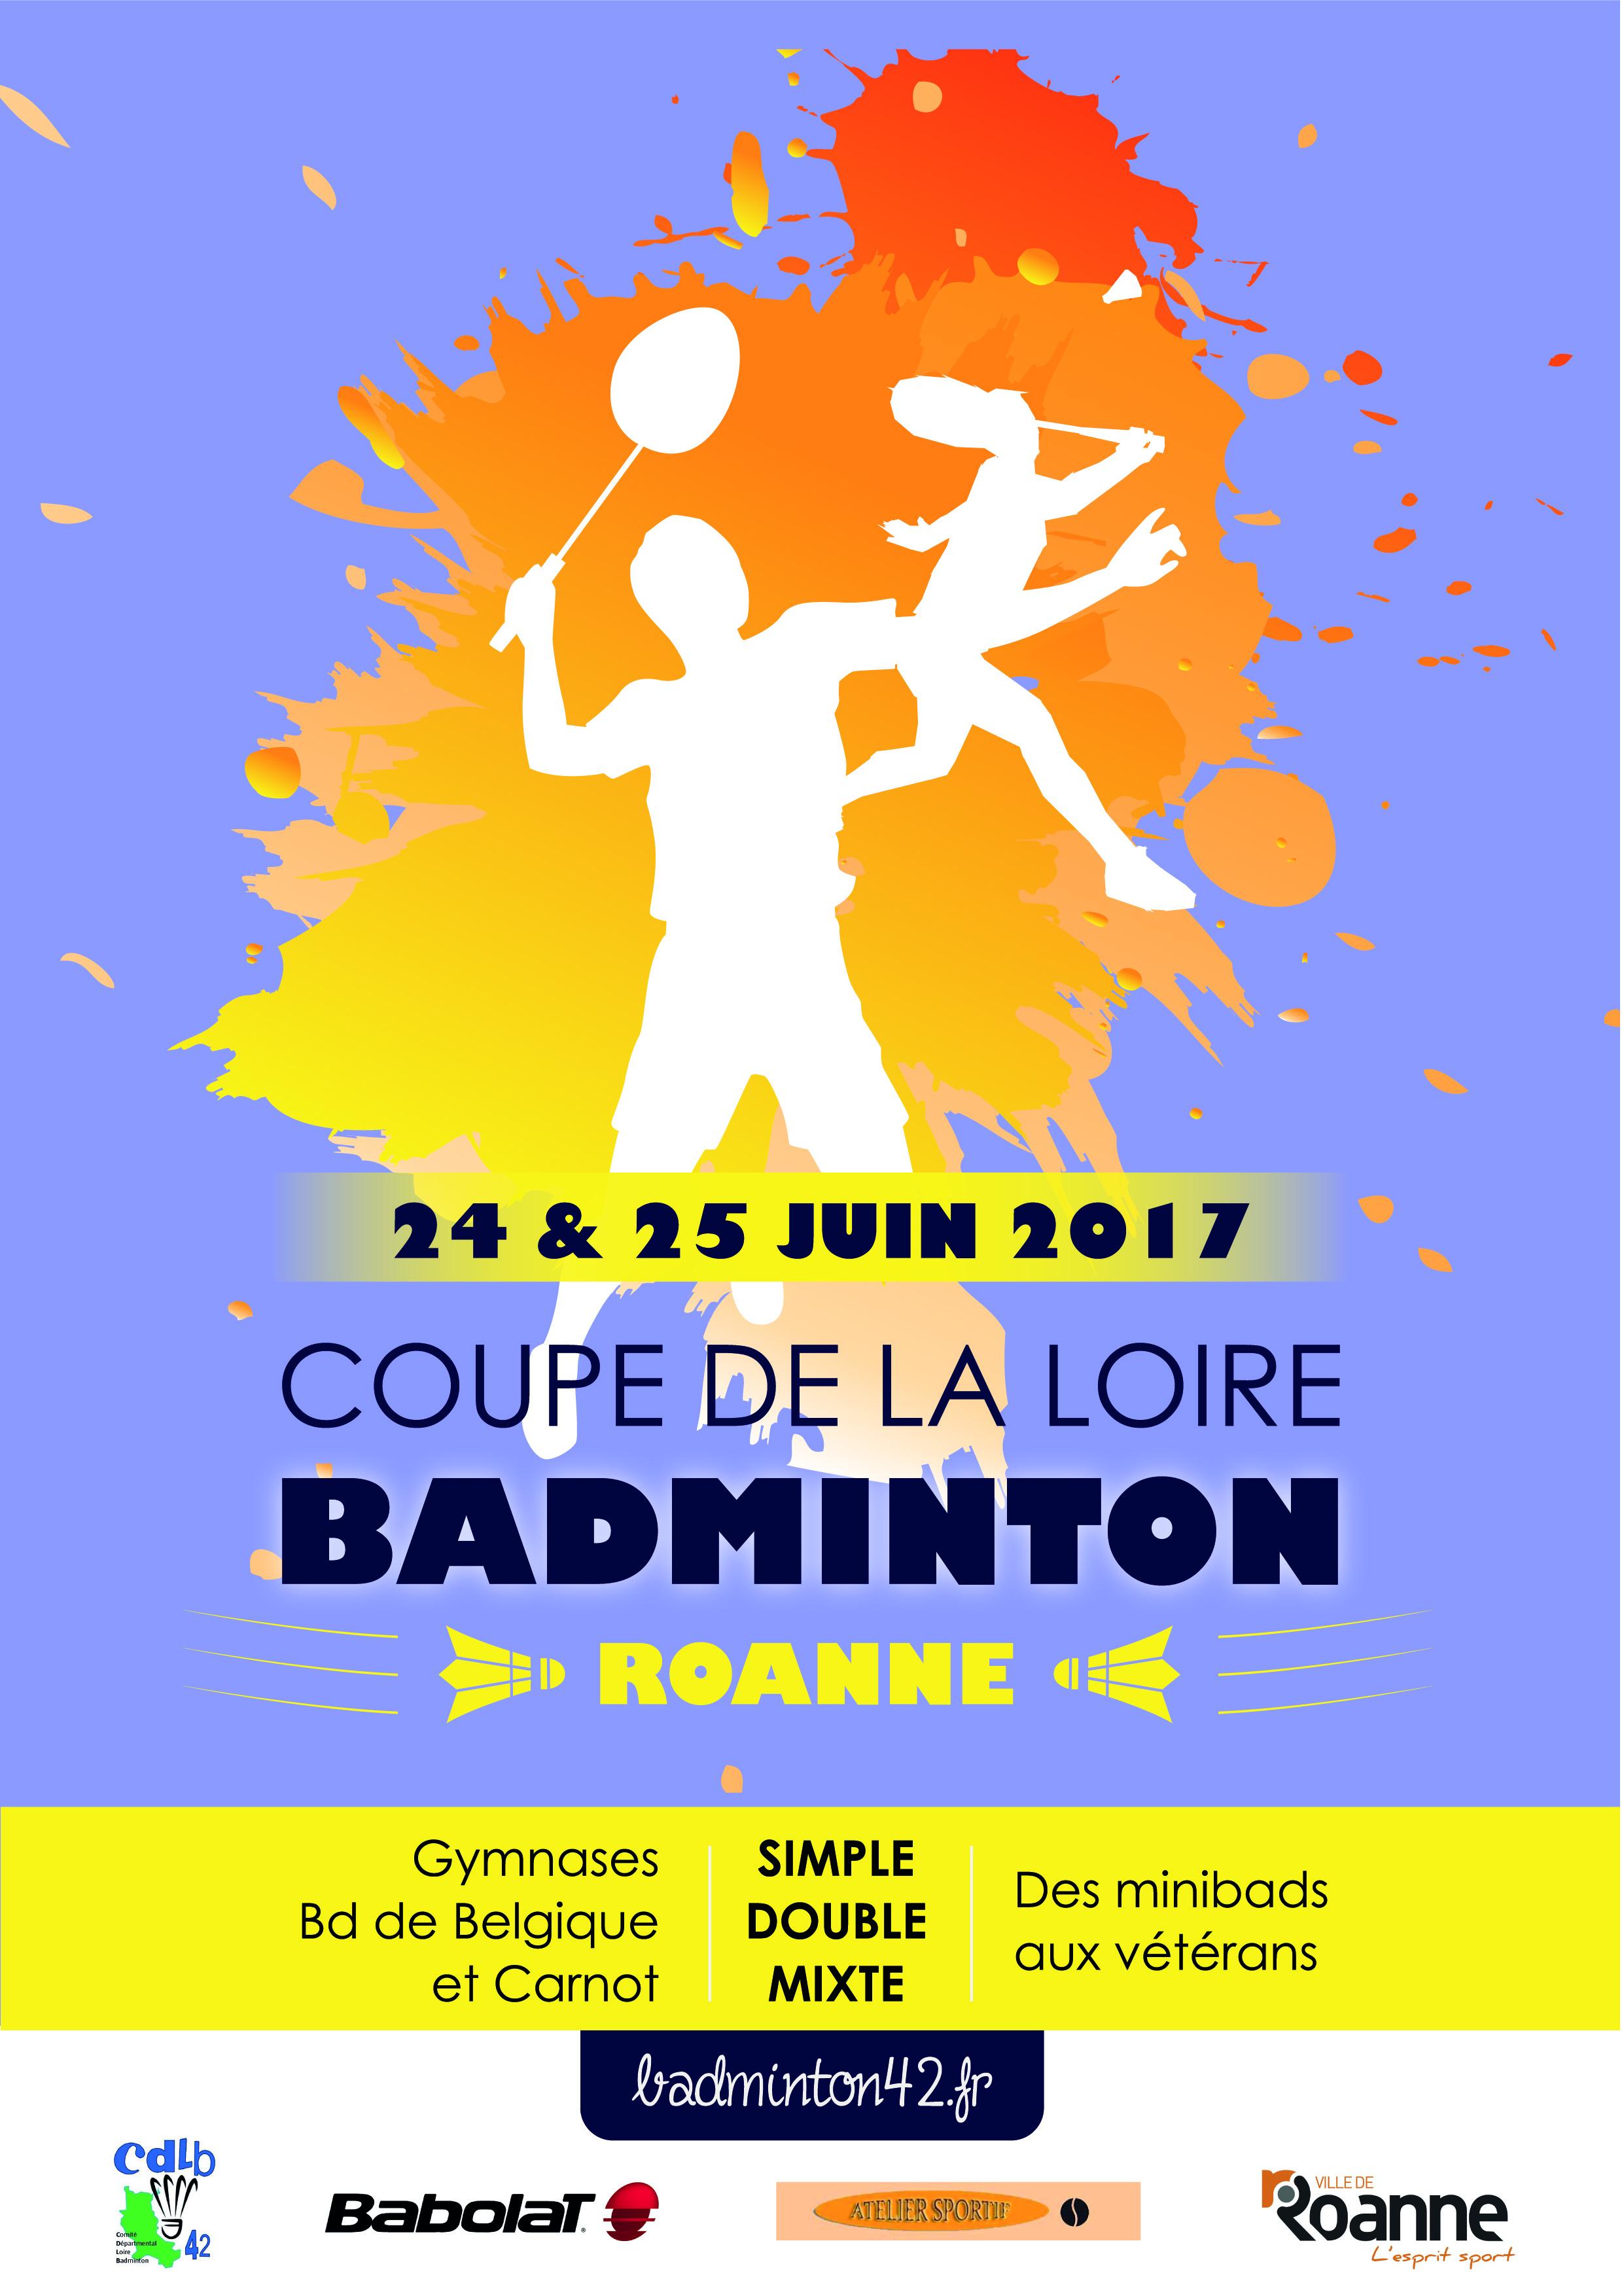 Coupe de la Loire 2016/2017